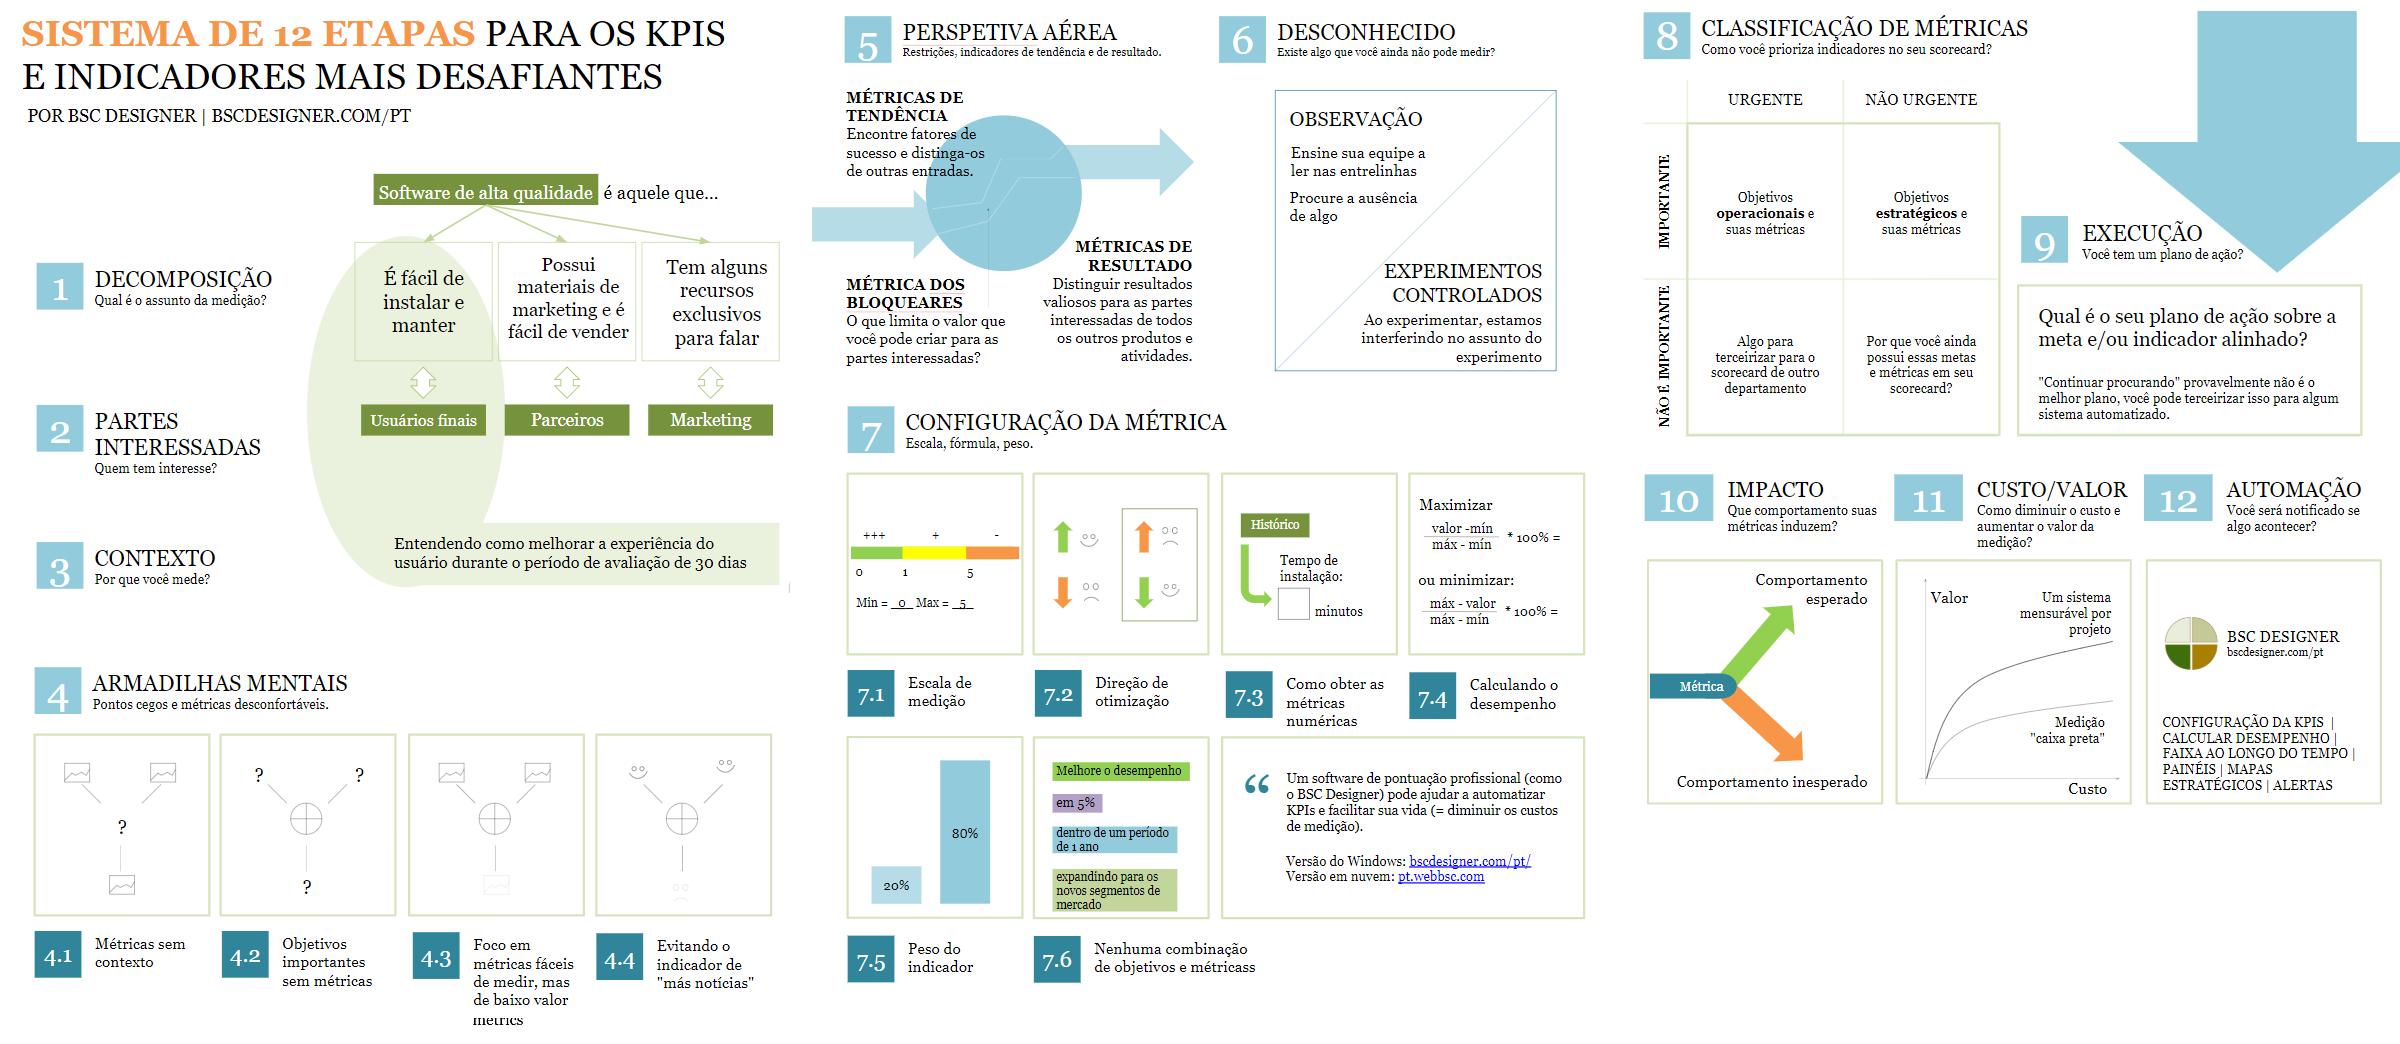 Sistema de KPIs de 12 Etapas Para Encontrar KPIs Para As Situações de Negócios Mais Desafiadoras